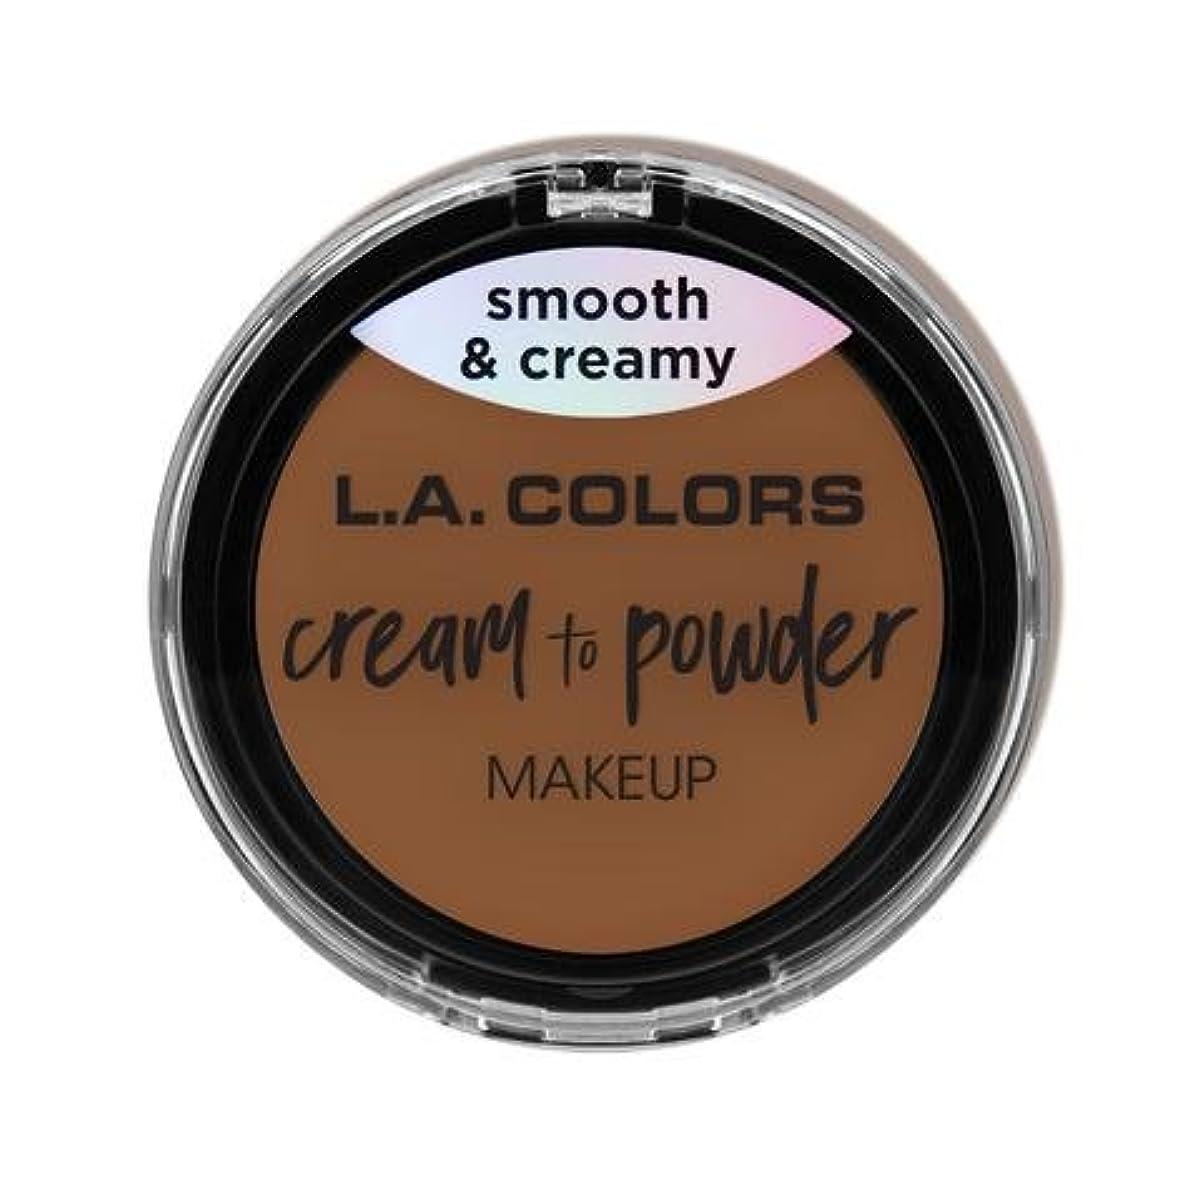 段落元に戻す免除(3 Pack) L.A. COLORS Cream To Powder Foundation - Tan (並行輸入品)